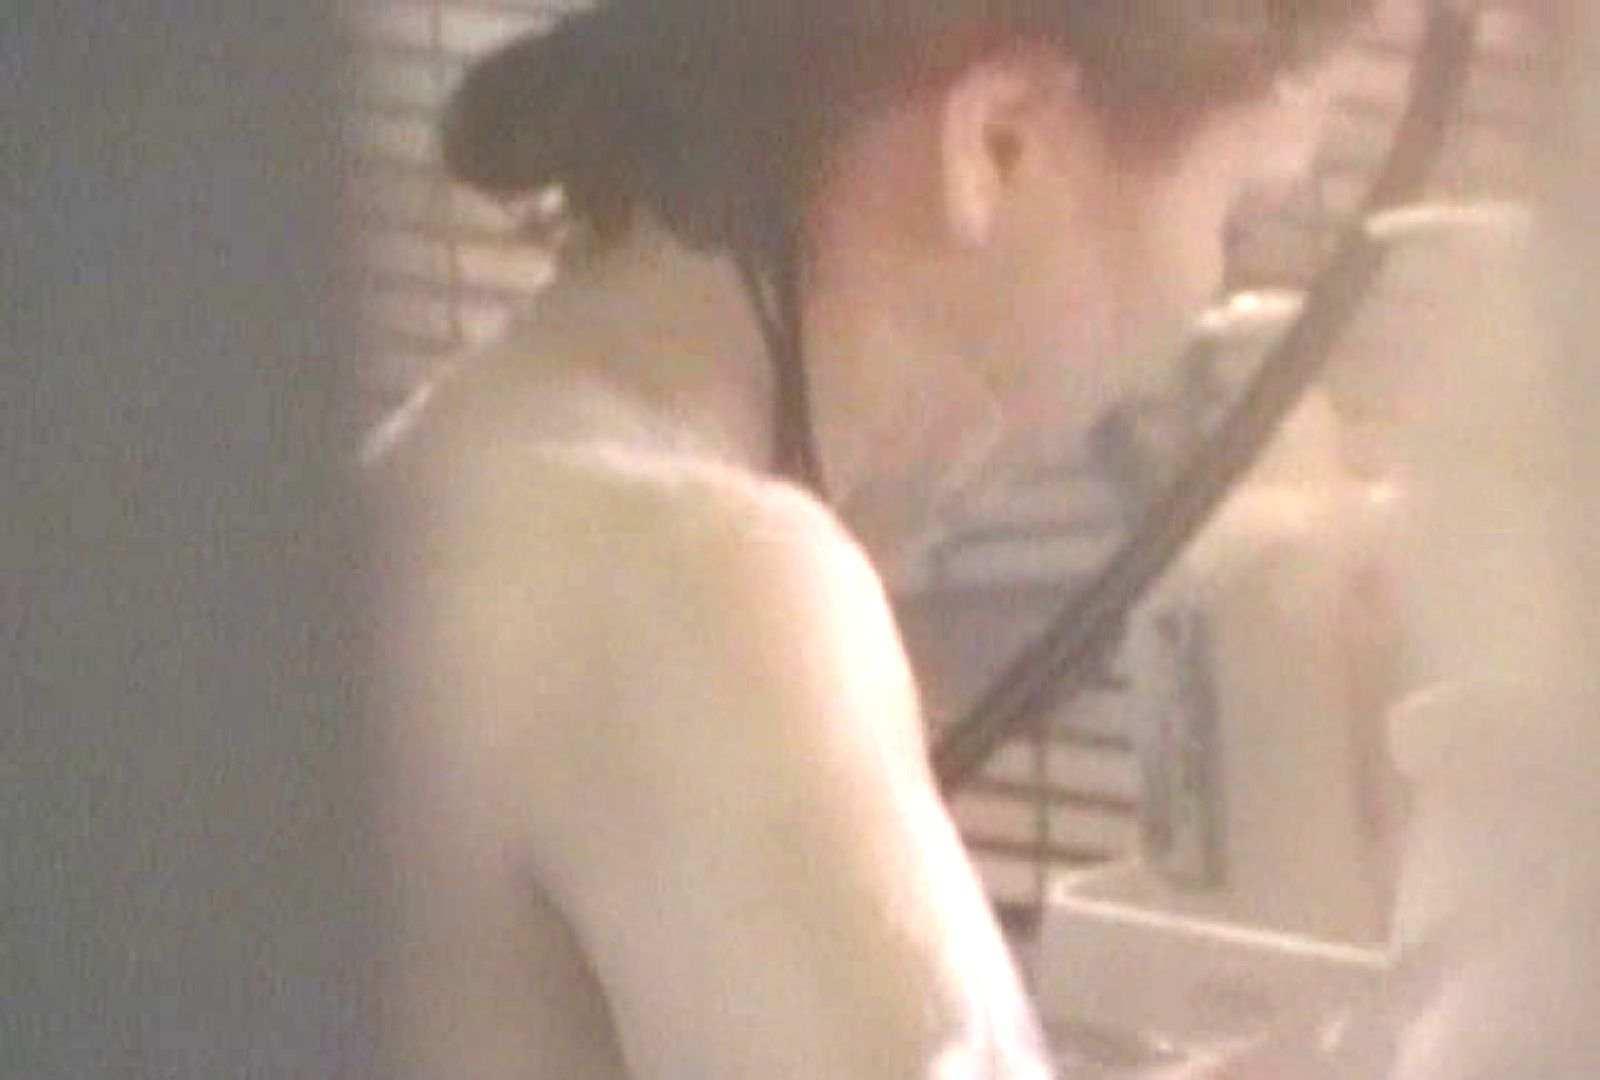 素人投稿シリーズ 盗撮 覗きの穴場 大浴場編  Vol.2 素人 | 女体盗撮  91連発 16